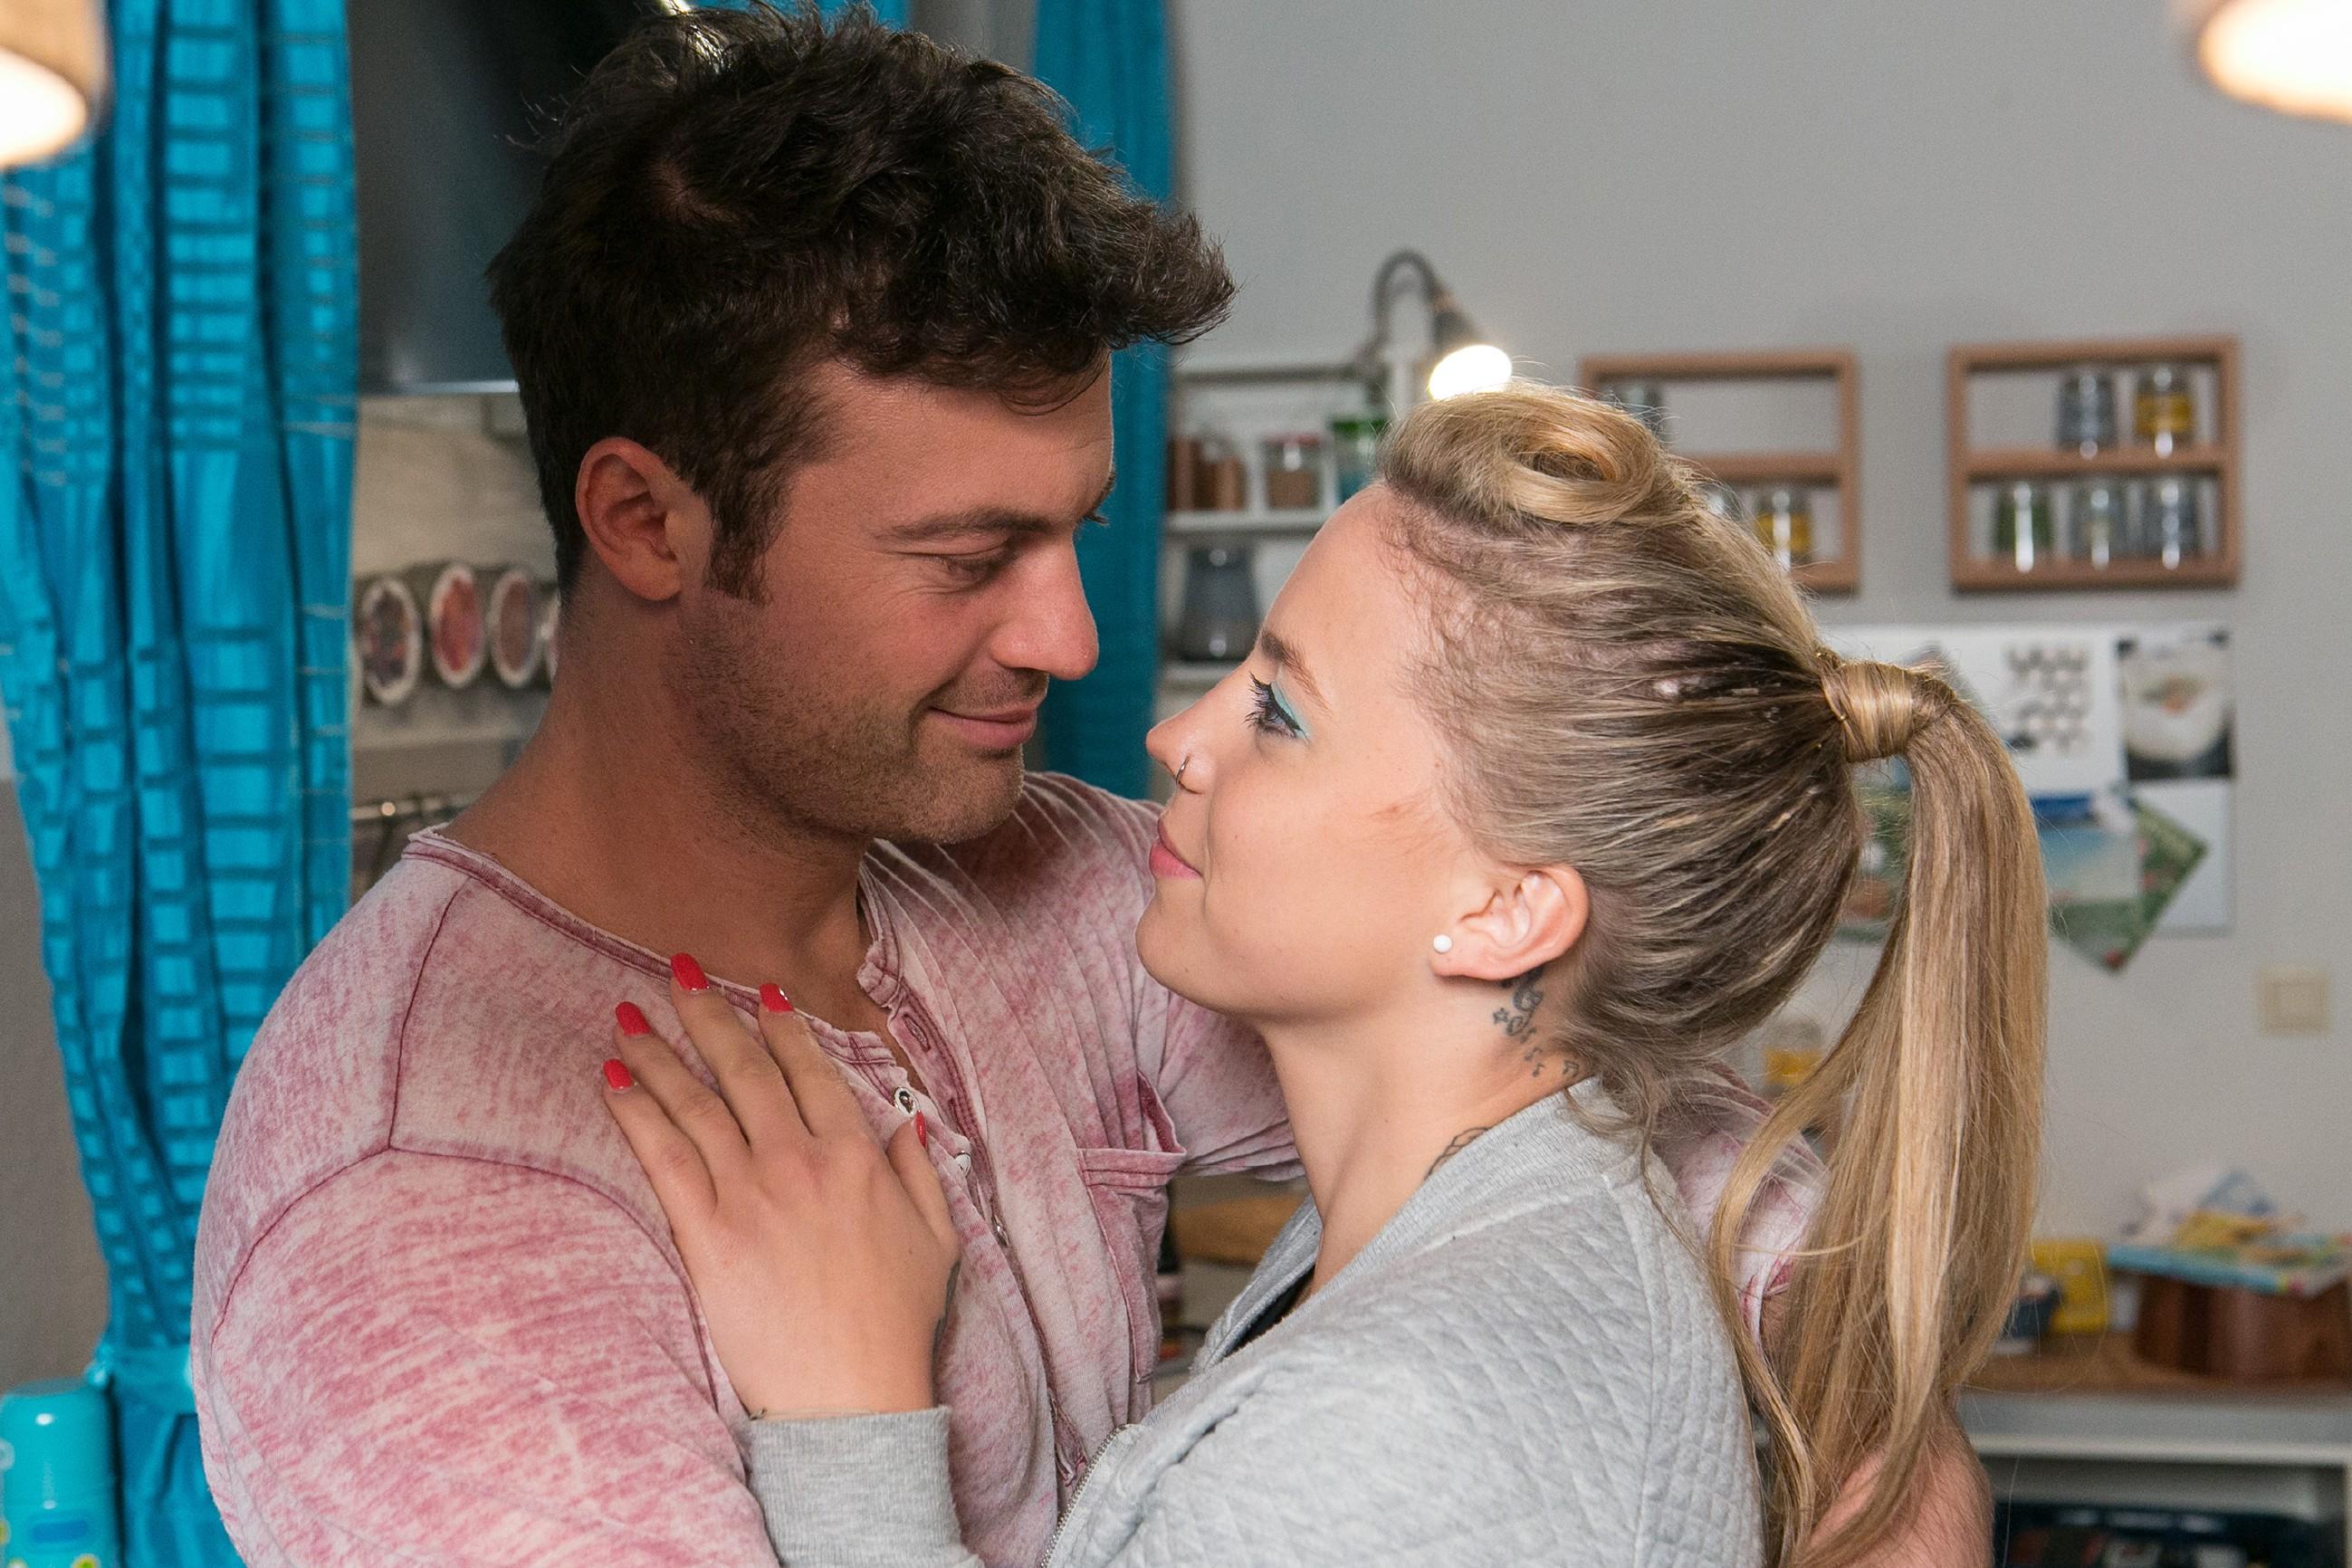 Nicht ahnend, dass sie wegen Matthias in Gefahr schwebt, versichert Iva (Christina Klein) Ben (Jörg Rohde), dass sie ihn liebt und eine Zukunft mit ihm will. (Quelle: RTL / Kai Schulz)